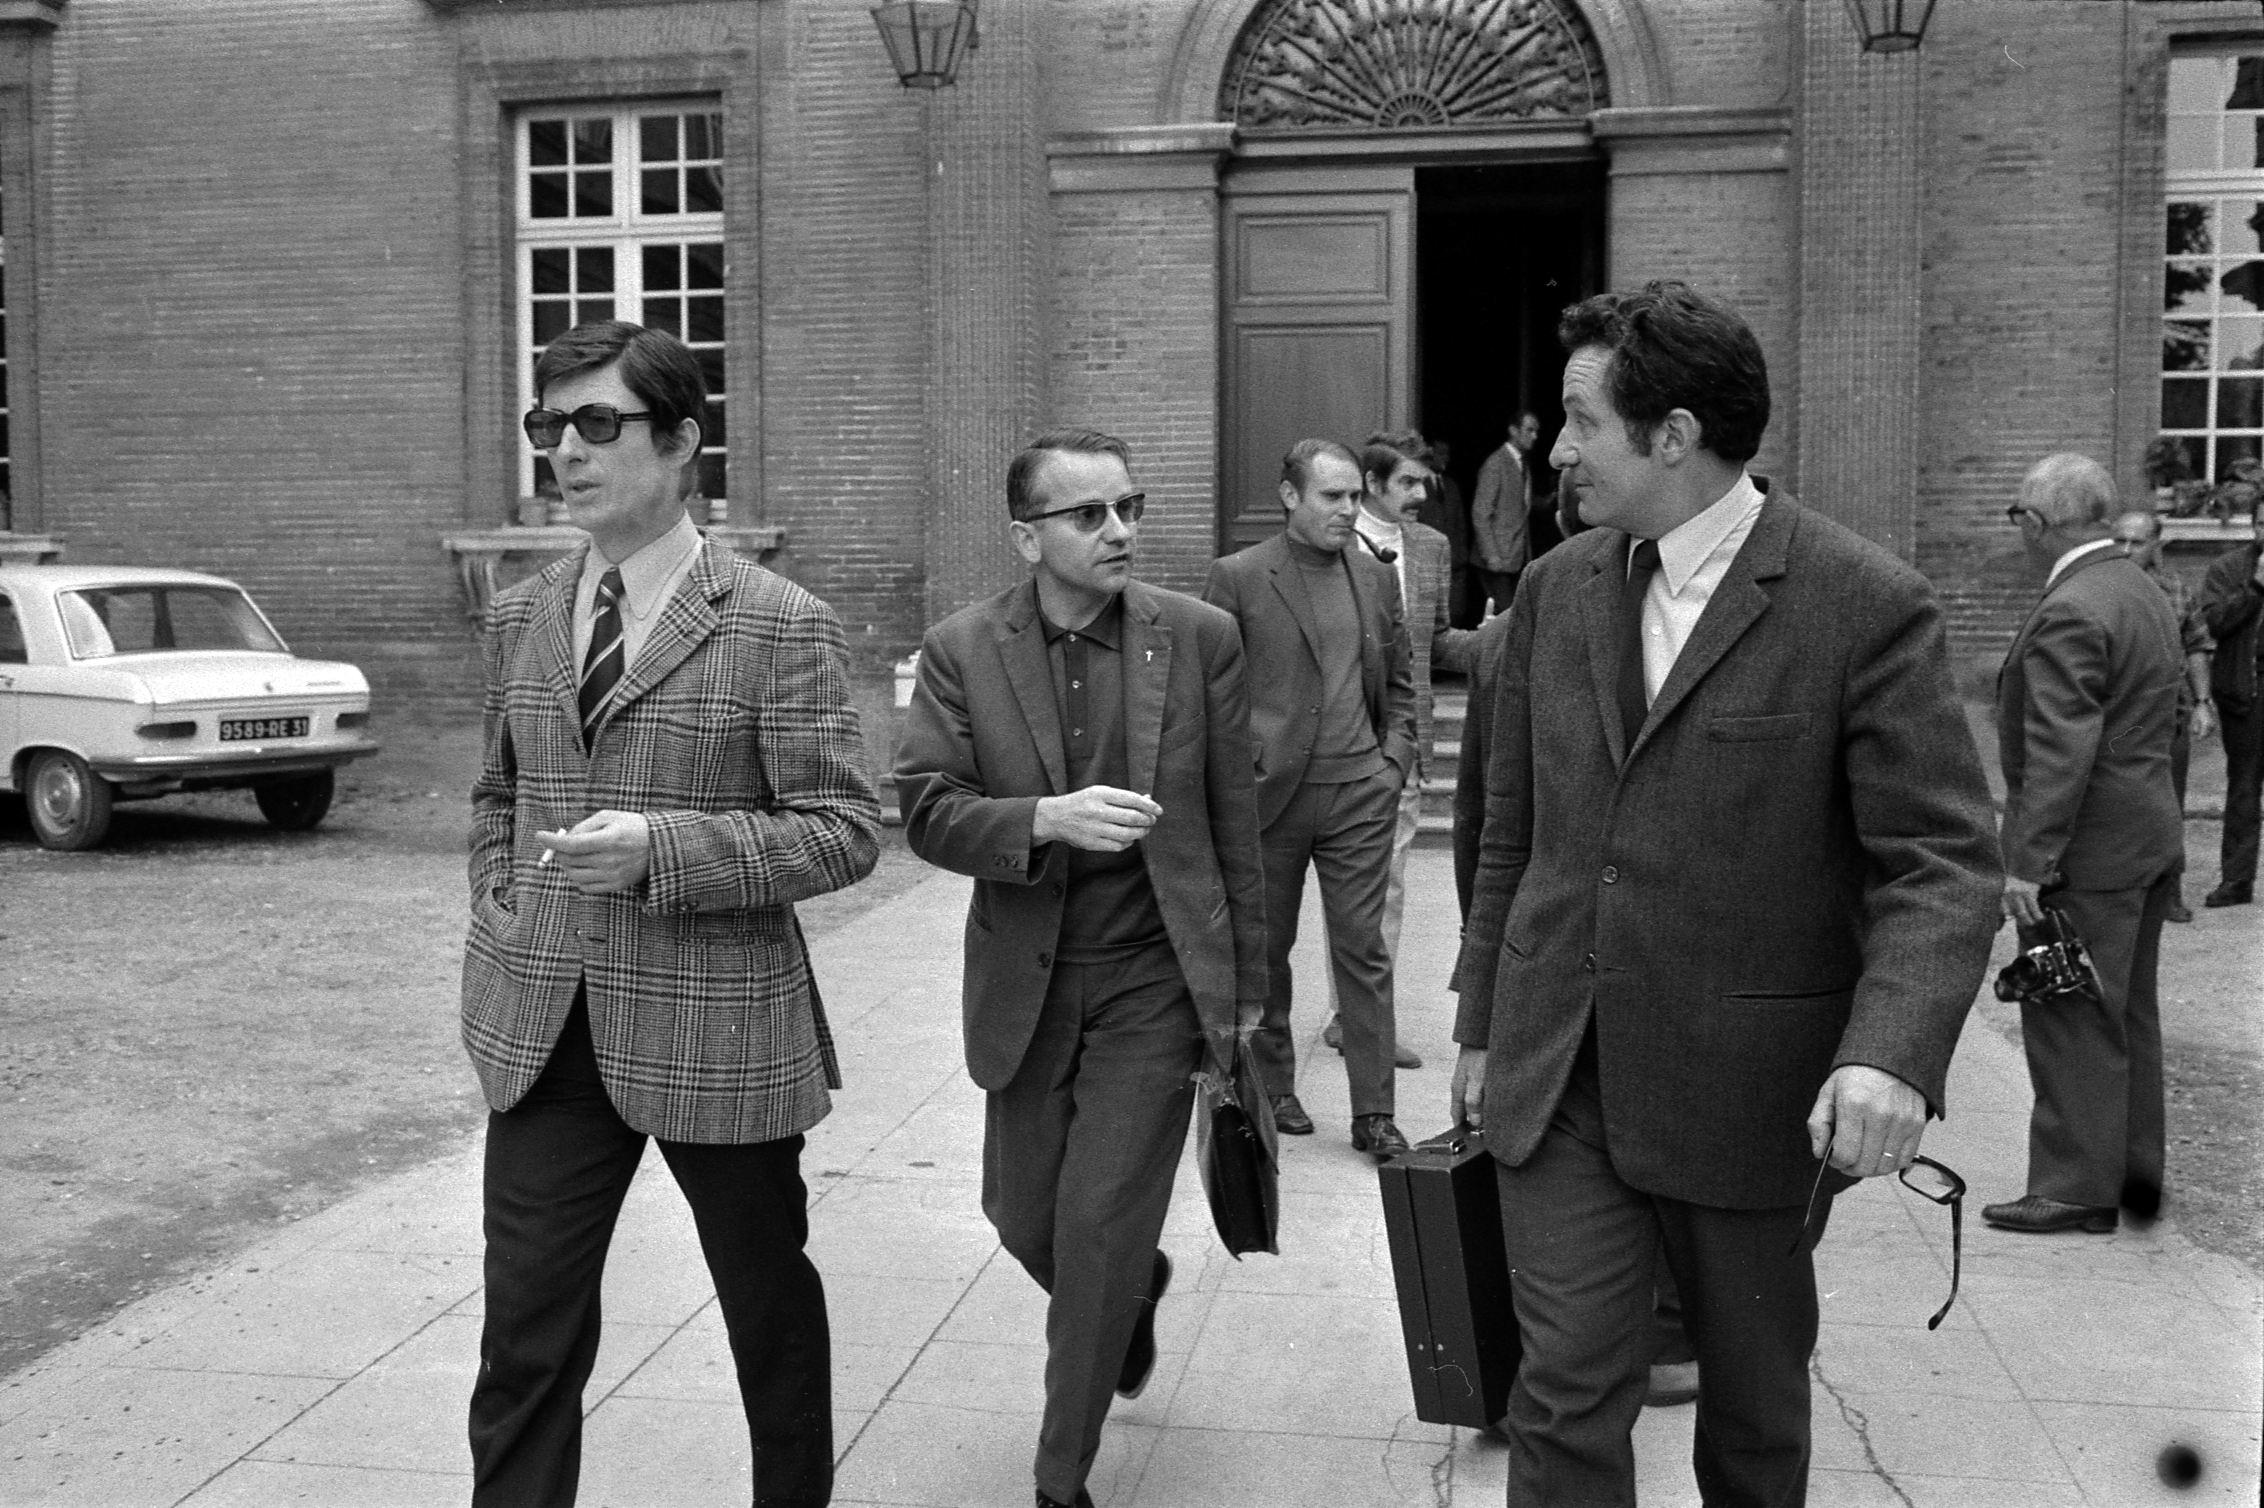 File:05.10.71 Procès René Vignal les témoins Danos, Leduc, Zatelli,